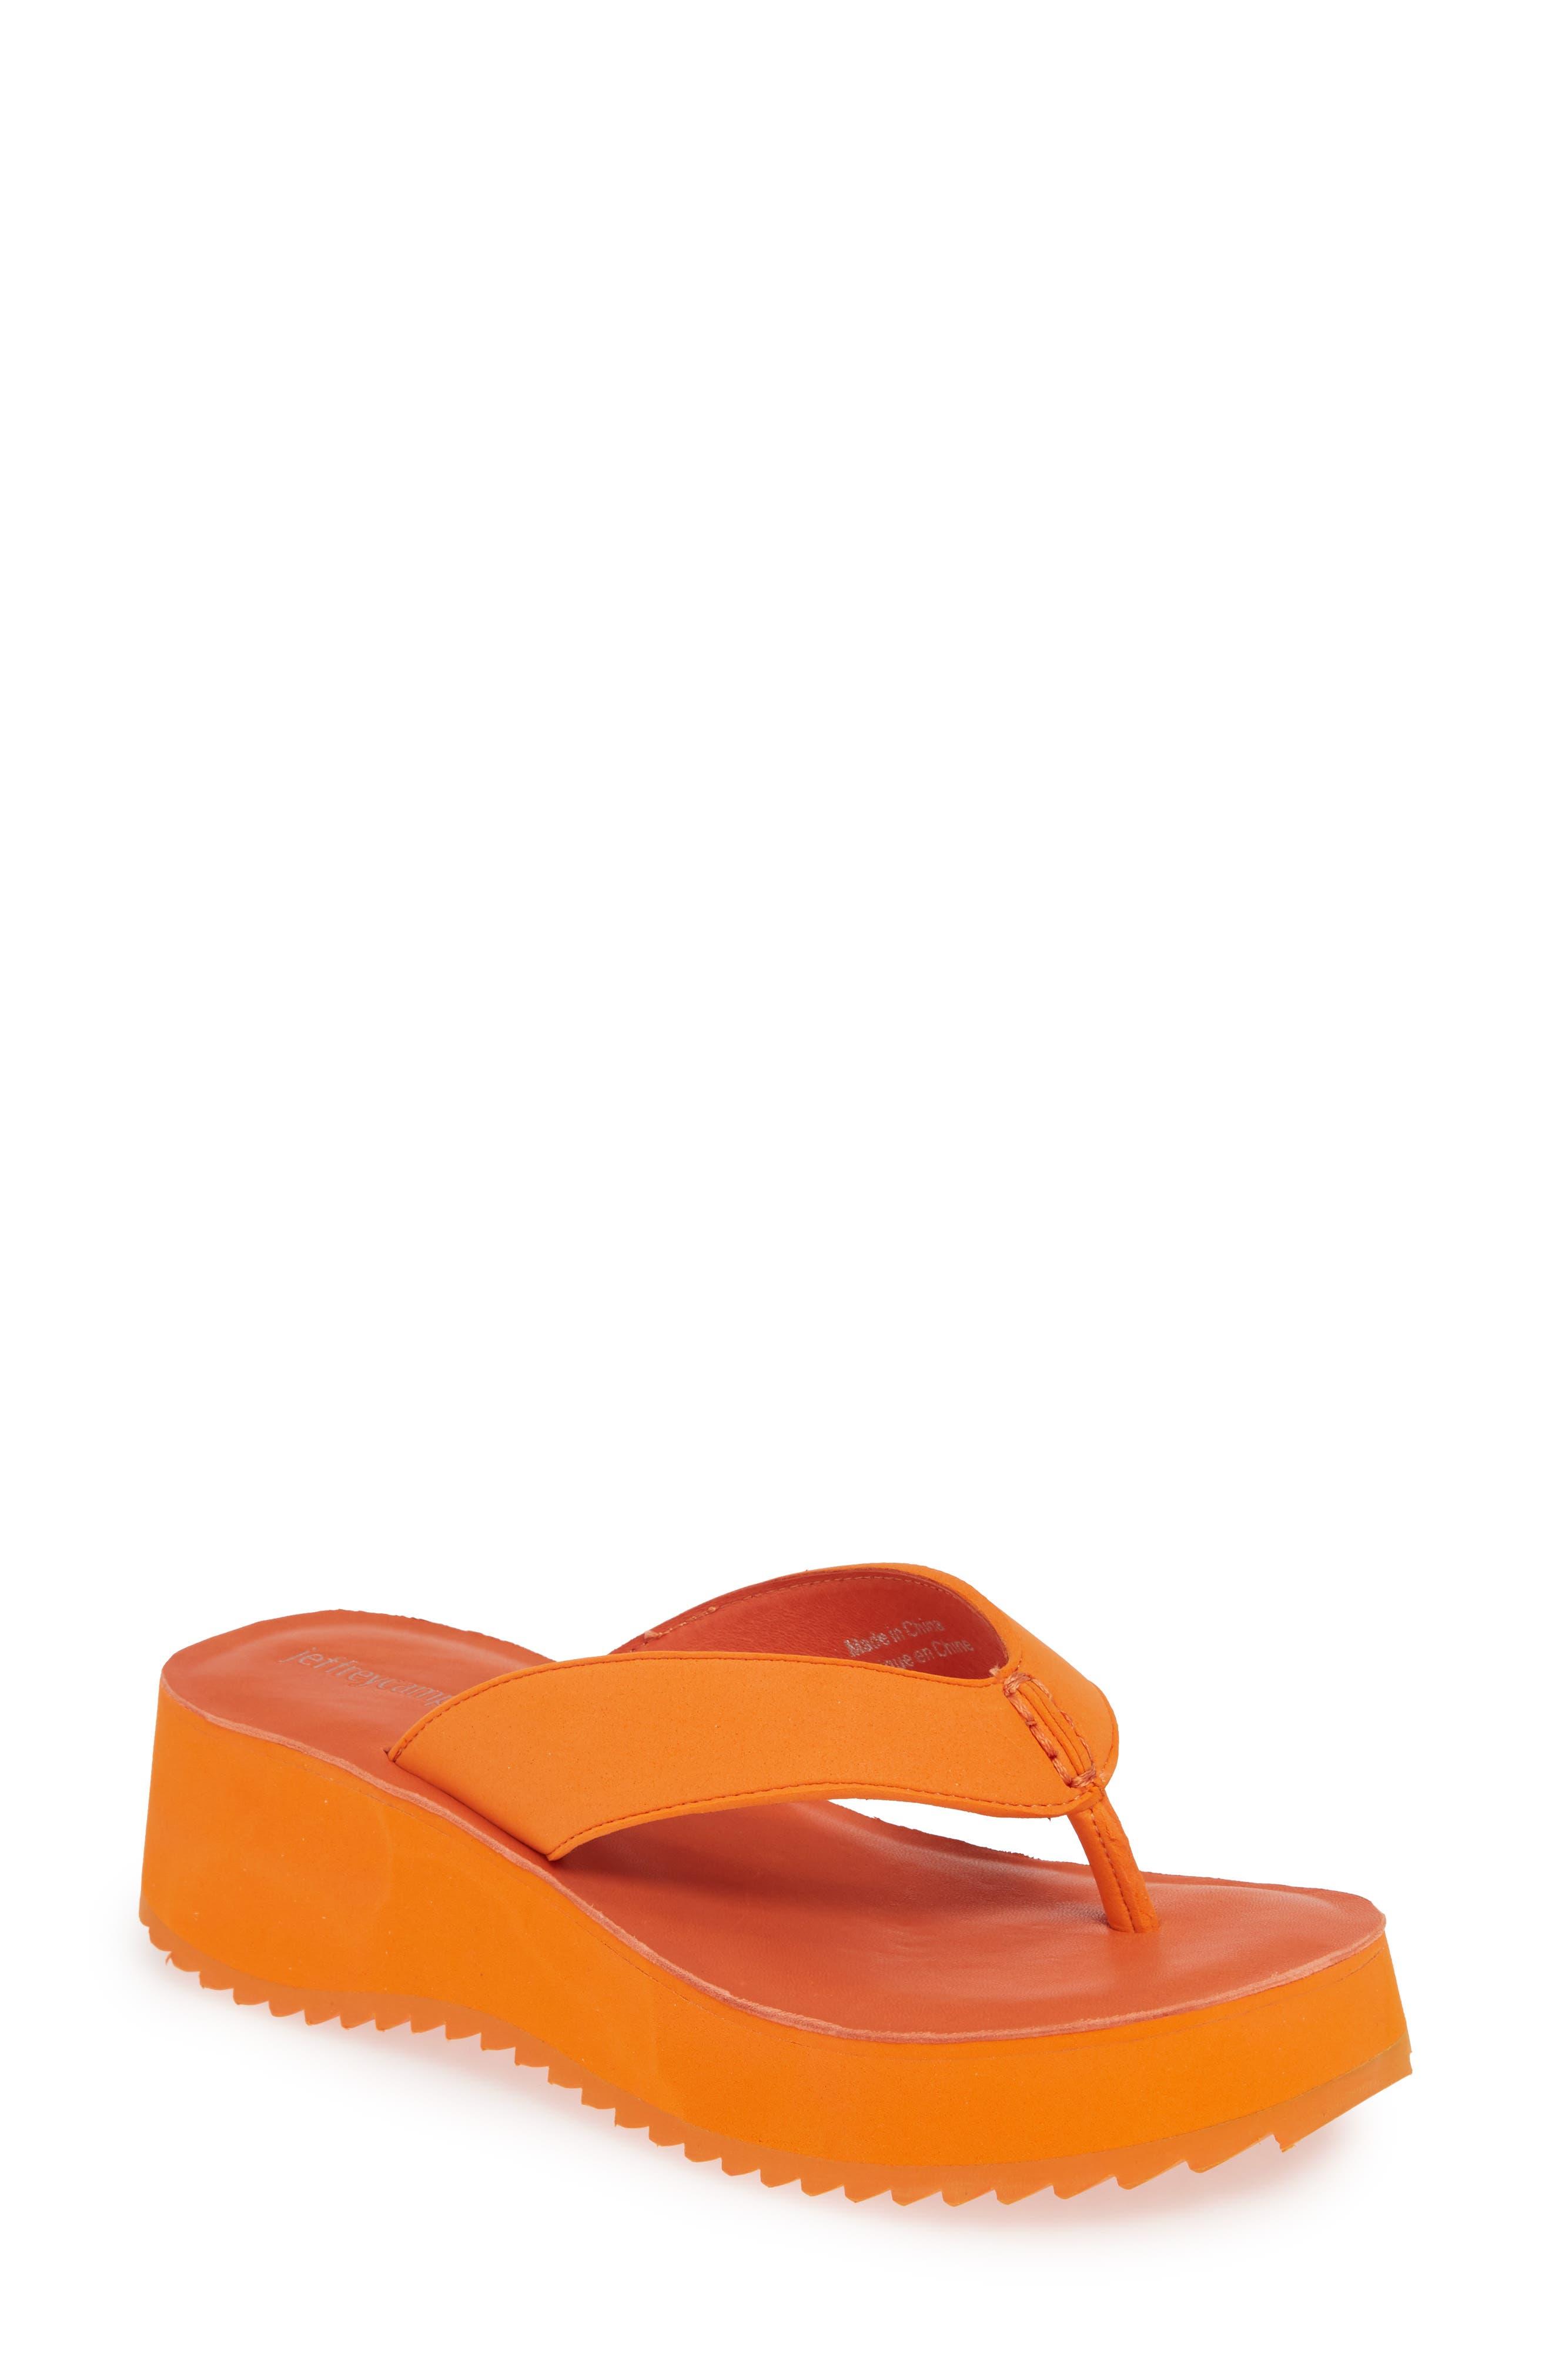 Jeffrey Campbell Platform Flip Flop, Orange